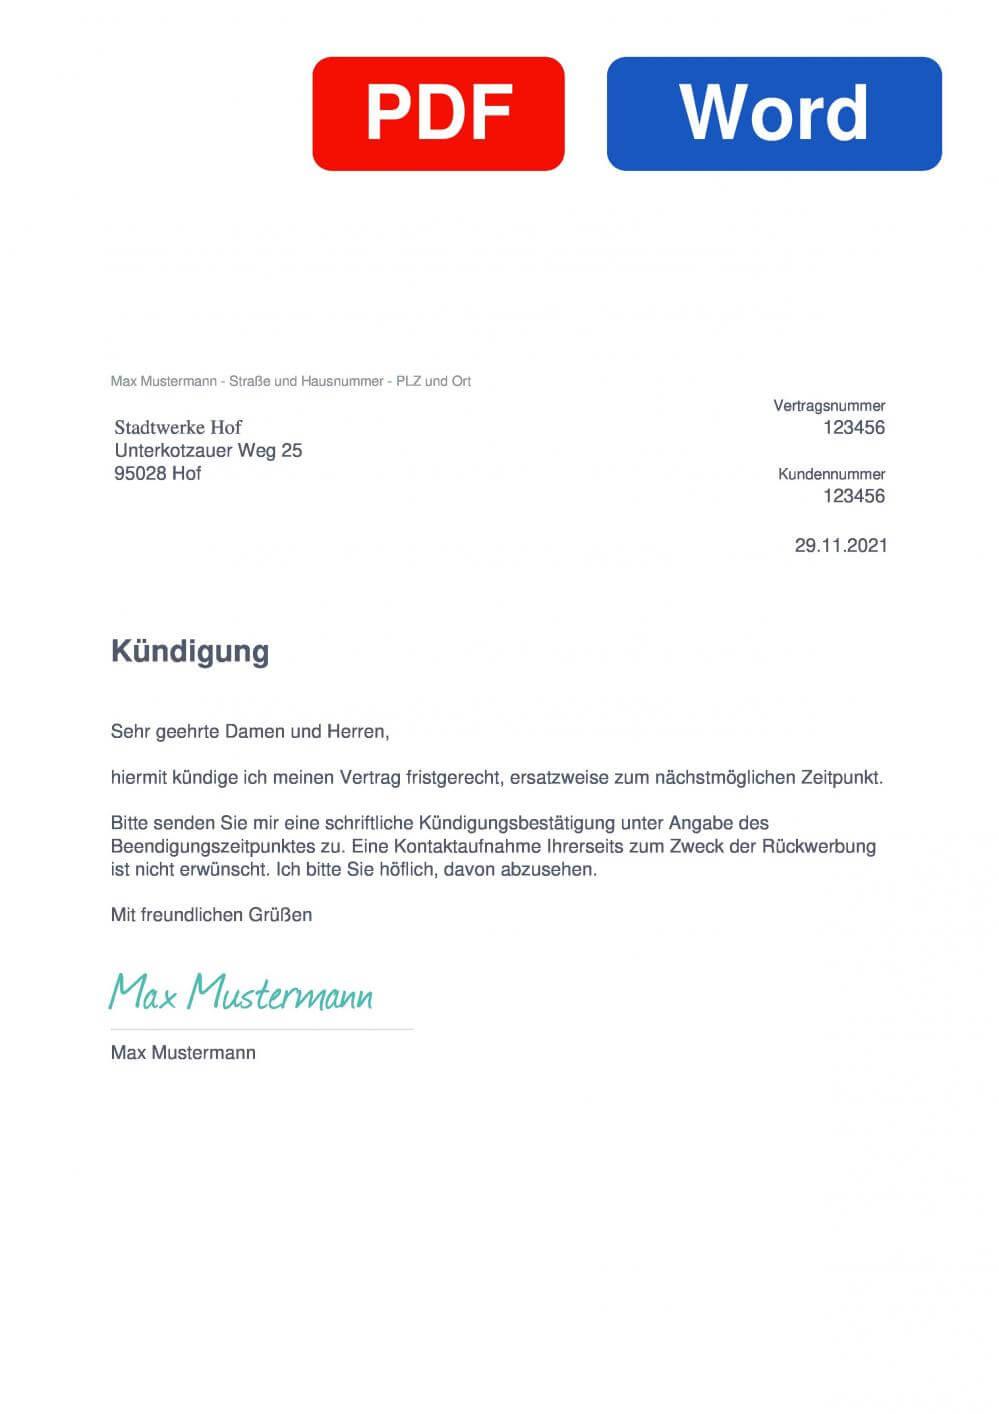 Stadtwerke Hof Muster Vorlage für Kündigungsschreiben